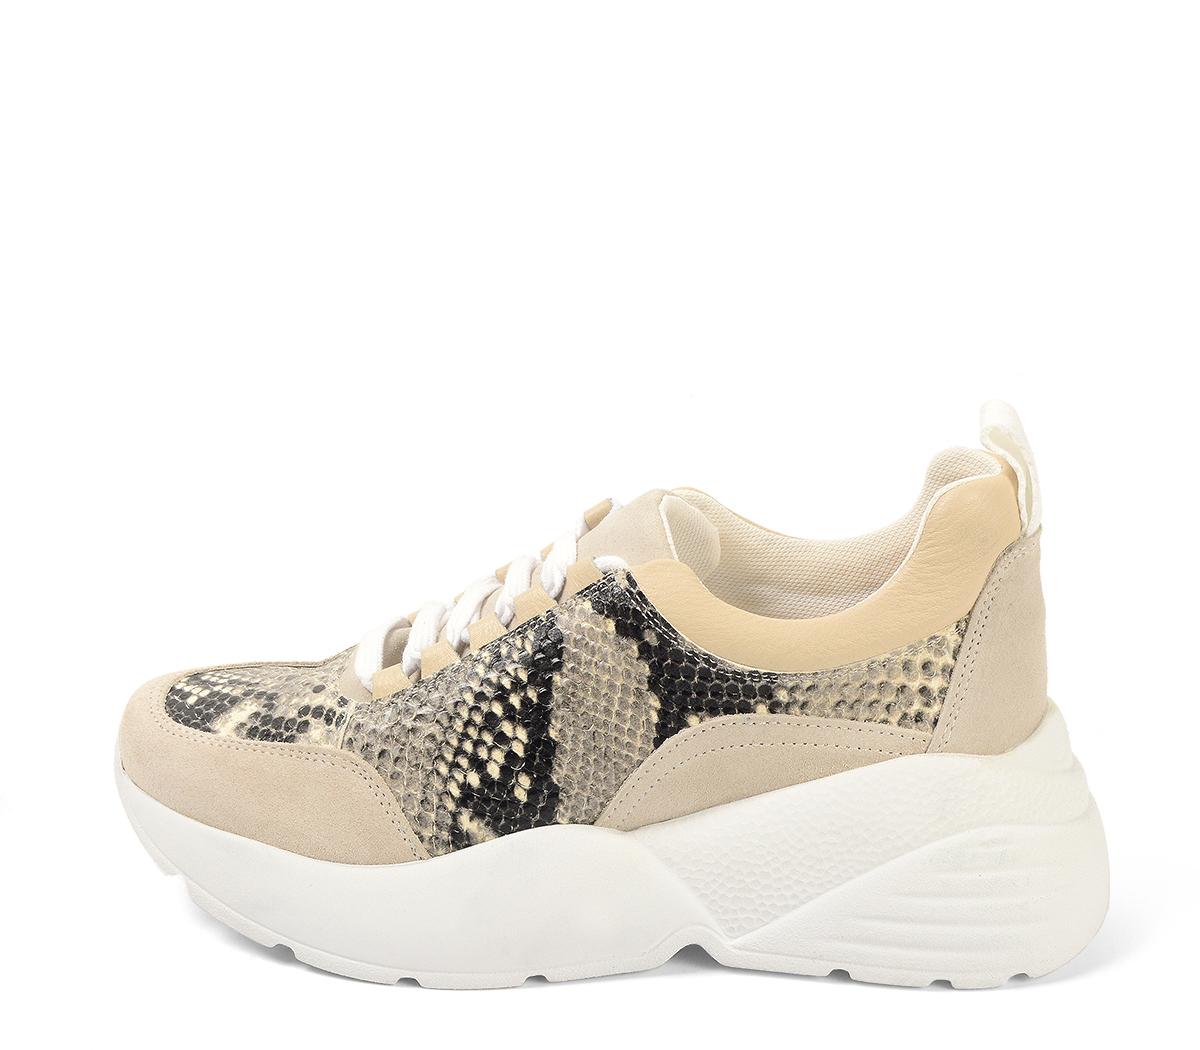 Ref. 4223 Sneaker serraje beige combinada con piel estampado serpiente. Cordones blancos. Altura tacón 6 cm y plataforma delantera 3 cm.